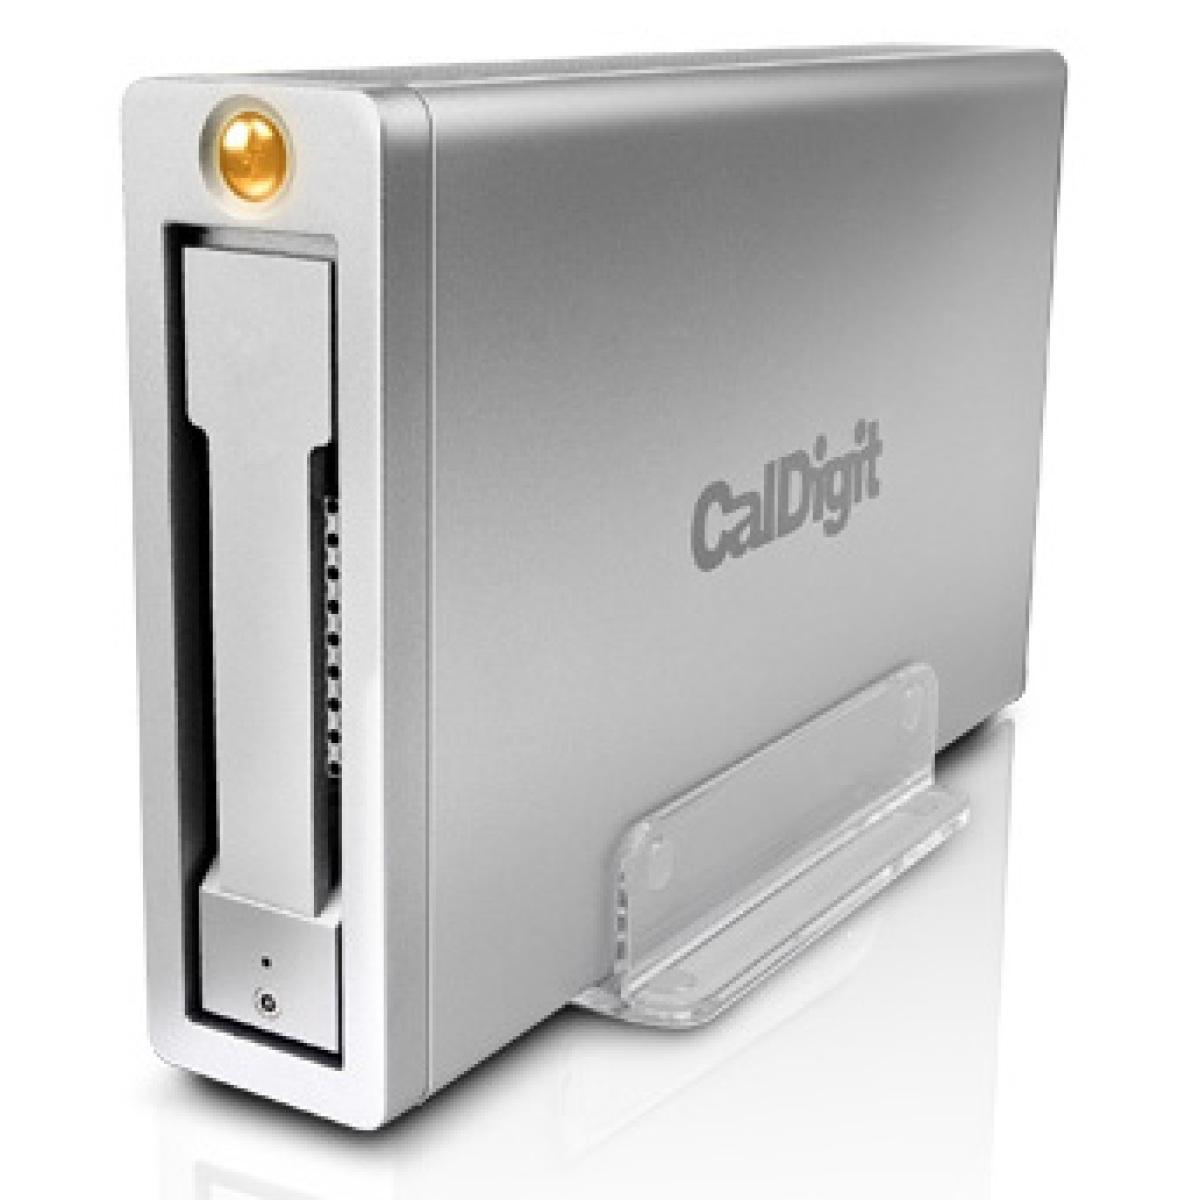 CalDigit AV Pro Max Capacity: HDD 4TB, SSD 480GB | Max Speed: SSD 430MB/s Interface: USB 3.0 & FireWire 800